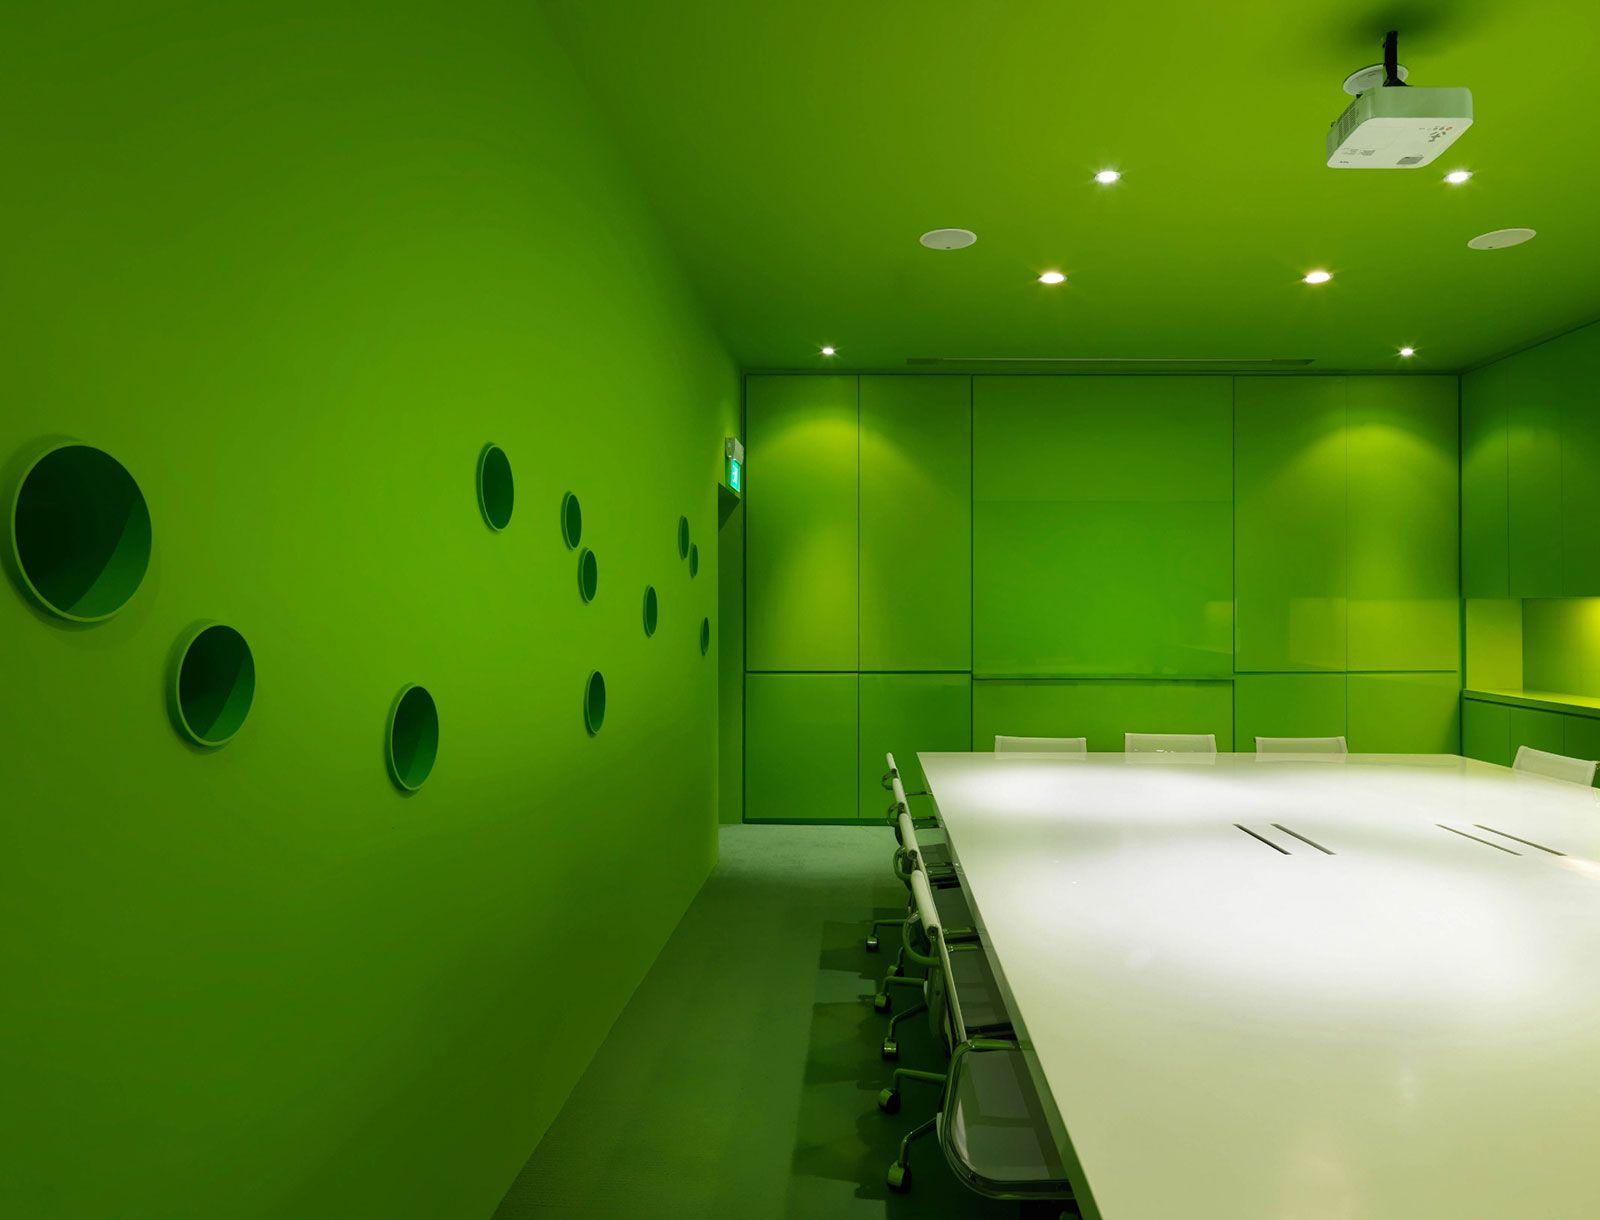 Leo Burnett Singapore by Ministry of Design